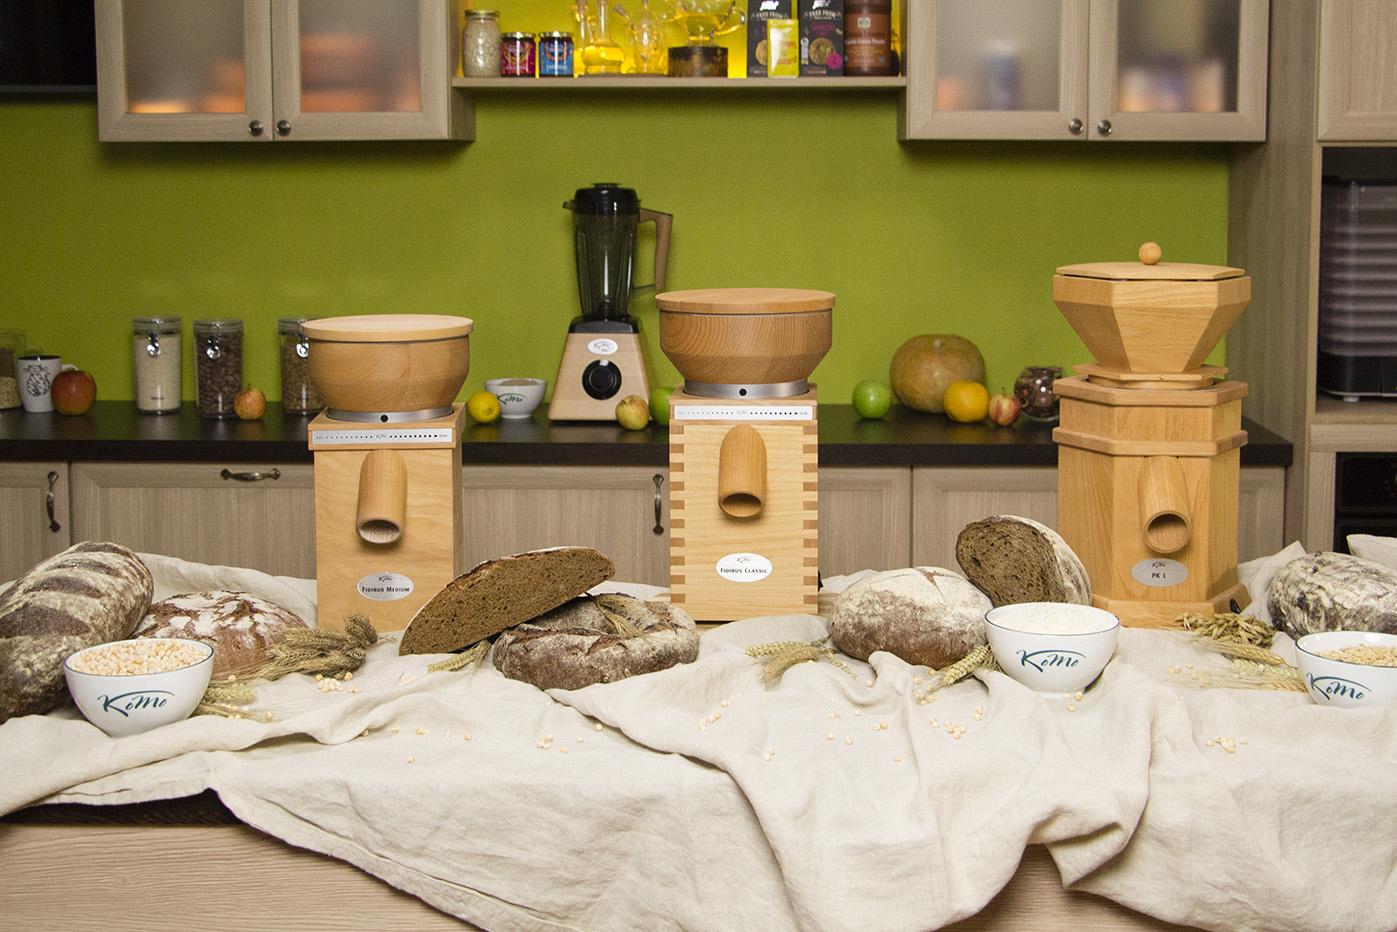 Мельницы KoMo в интерьере кухни